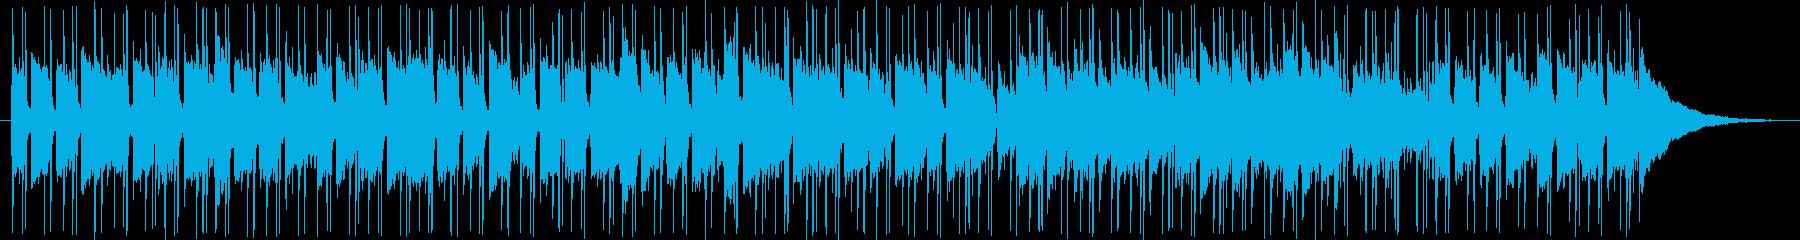 ルーシーでアメリカーナのインストゥ...の再生済みの波形